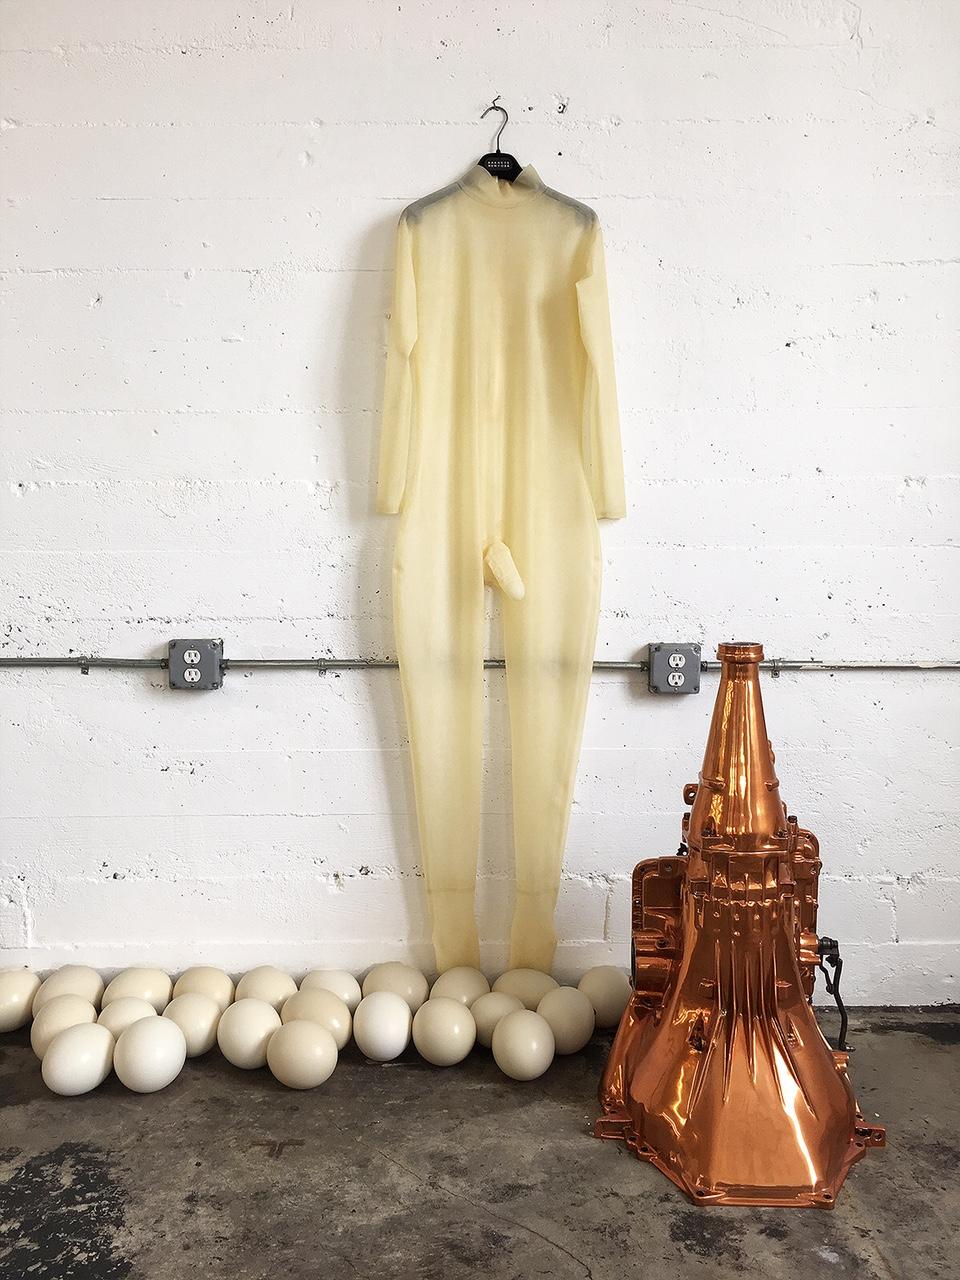 Future Suit, Ostrich Eggs, Copper Transmission